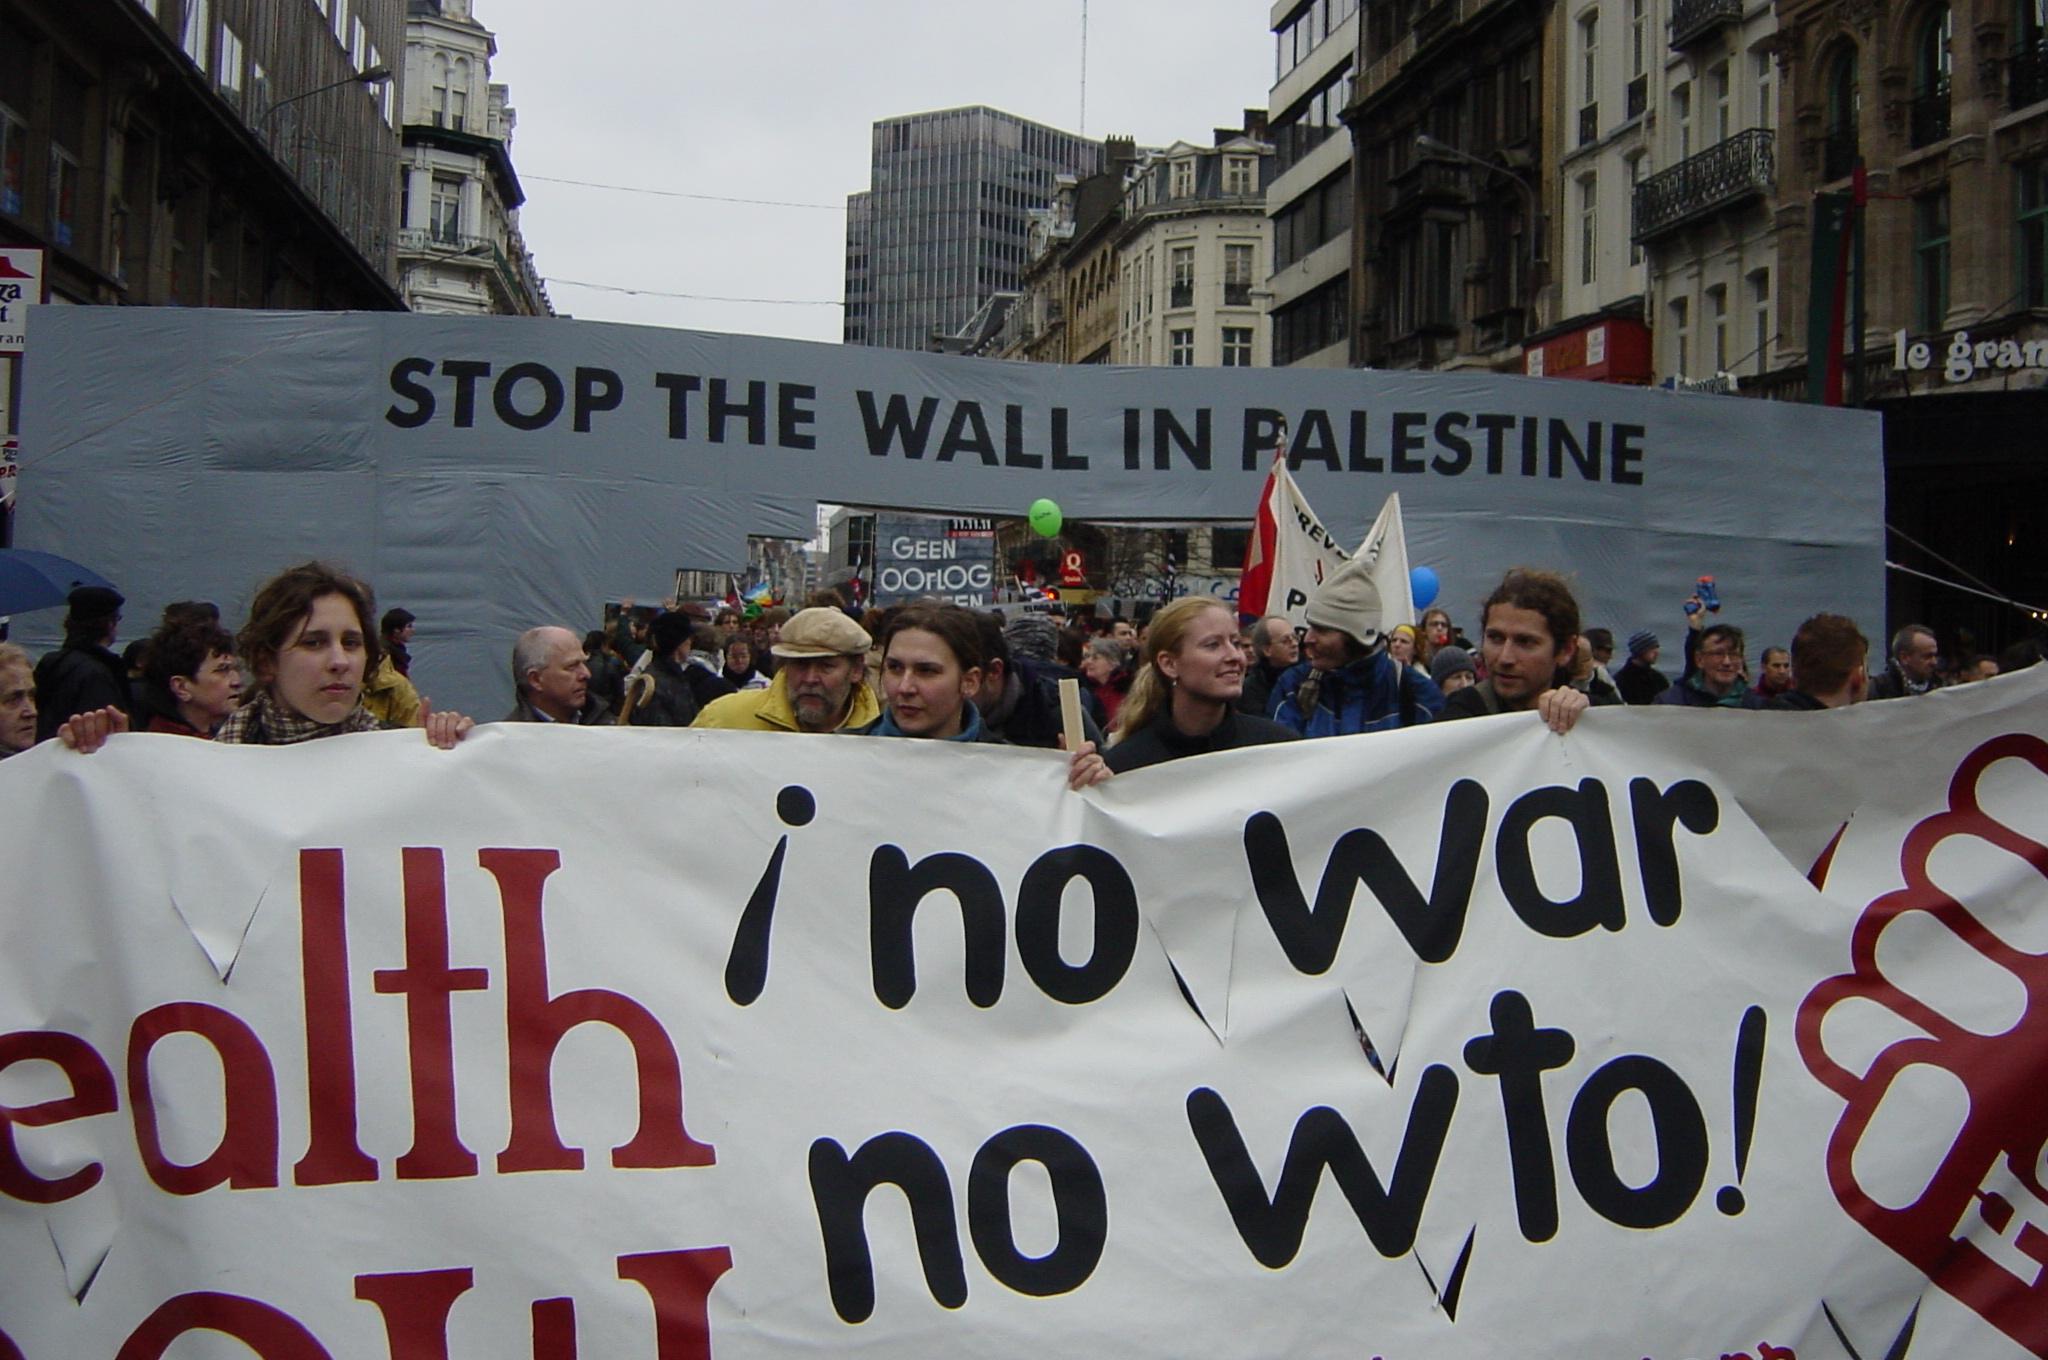 no war no WTO...